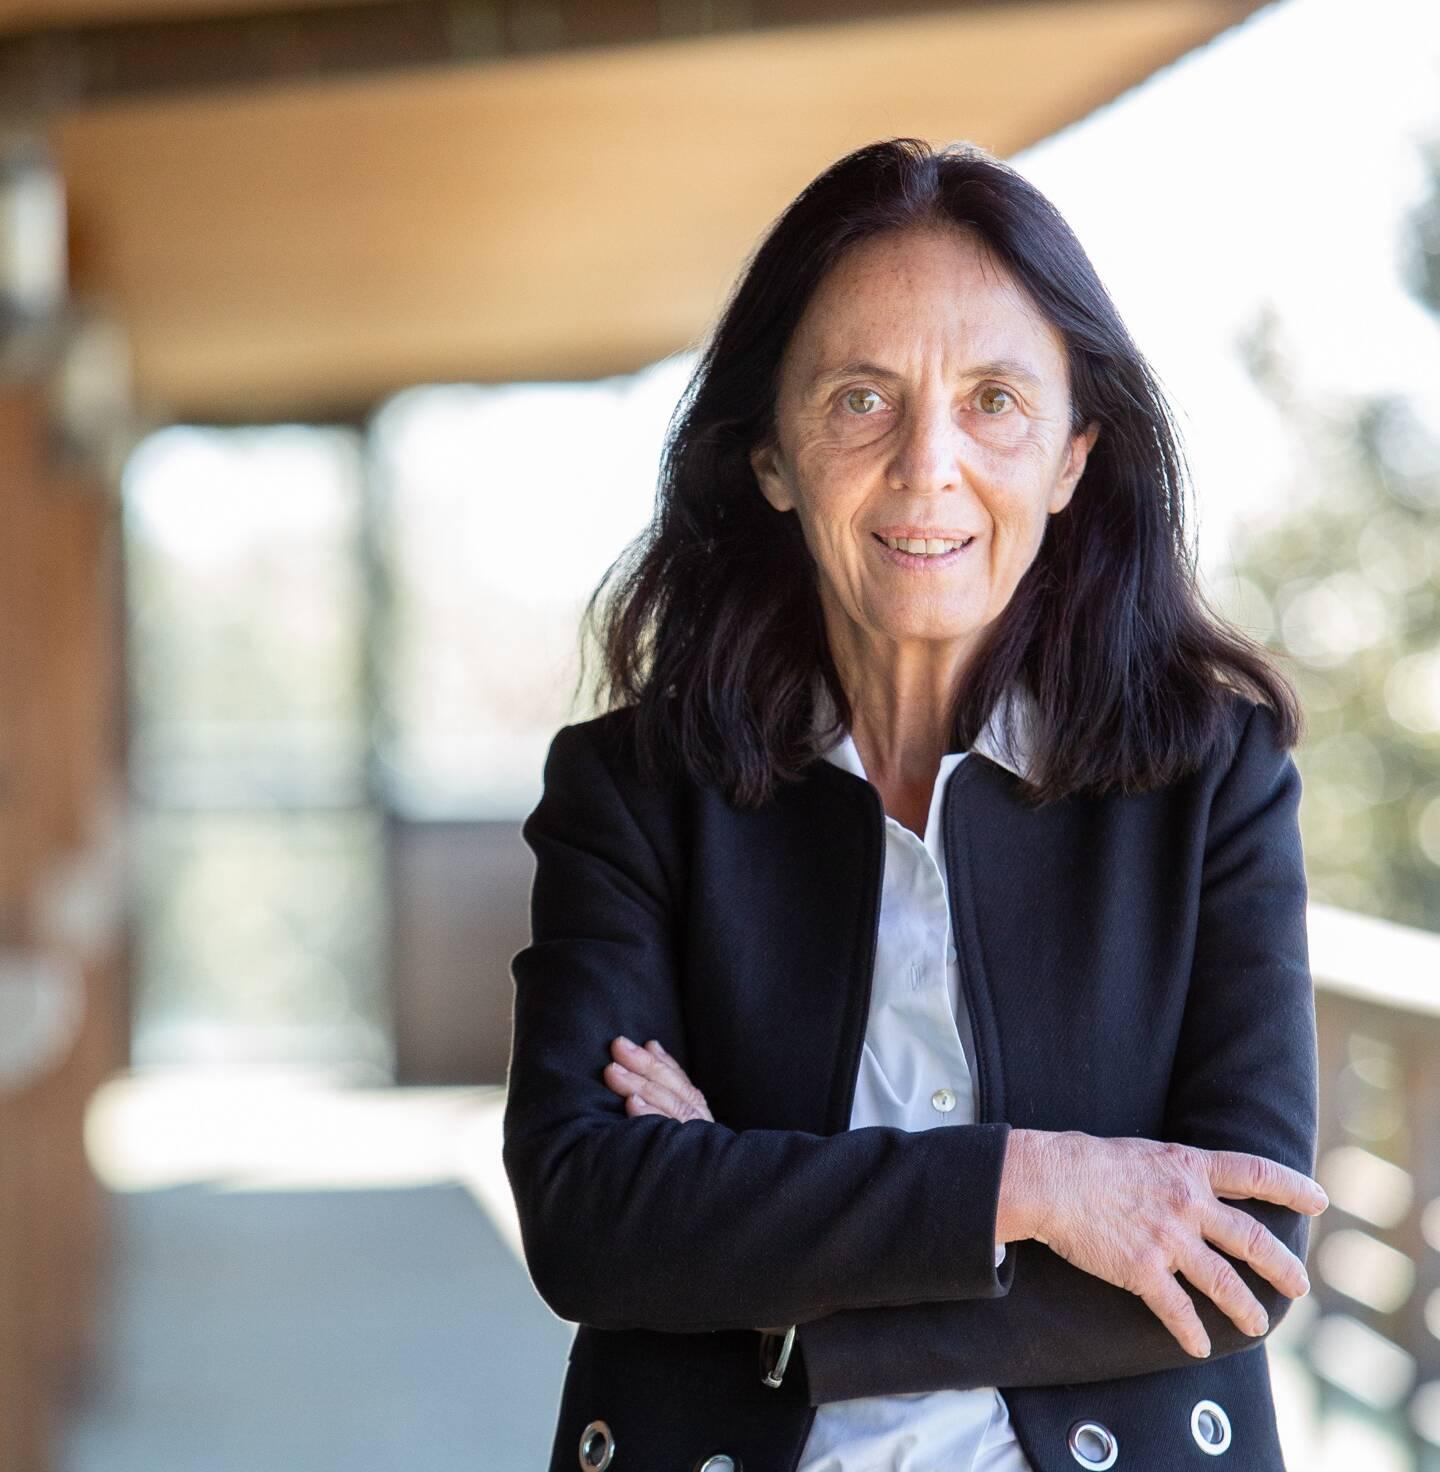 Odile Hembise Fanton d'Andon est diplômée d'un master en mathématiques et mécanique appliquée de l'UNSA, titulaire d'un DEA de l'Ecole des Mines de Paris, et d'un doctorat de l'UPMC-Paris VI.